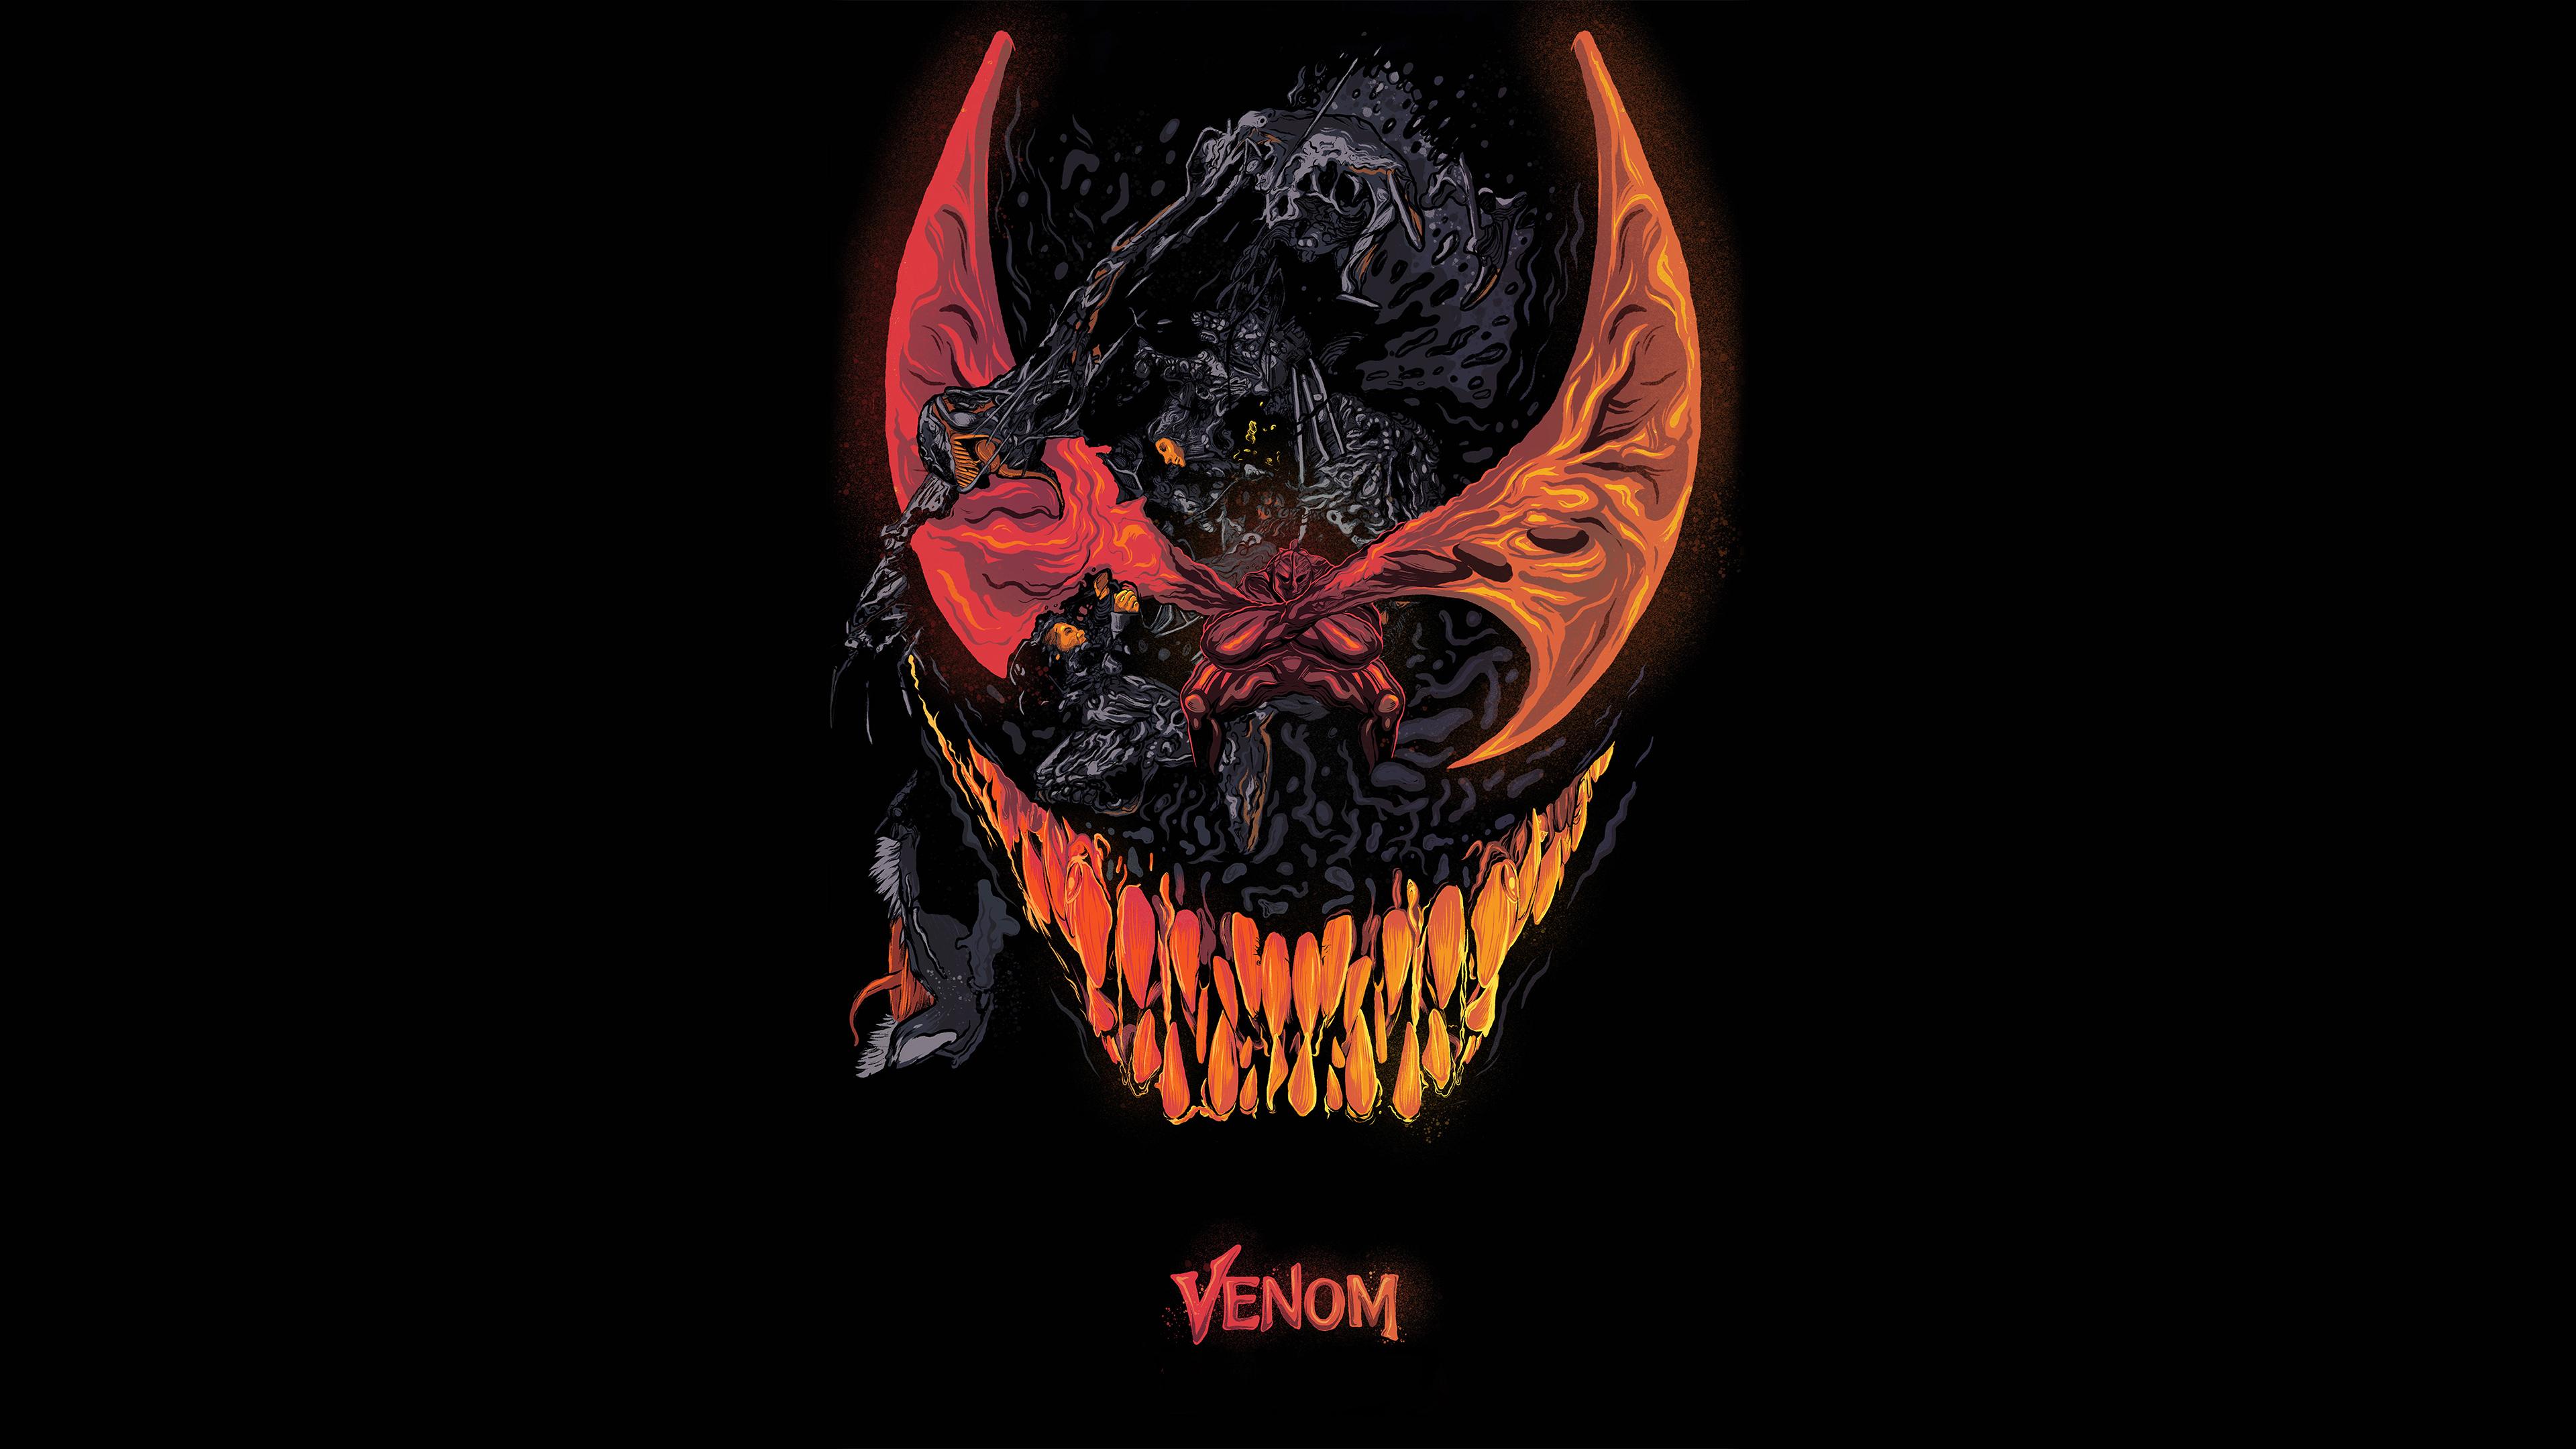 Venom Movie Artworks 4k, HD Superheroes, 4k Wallpapers ...